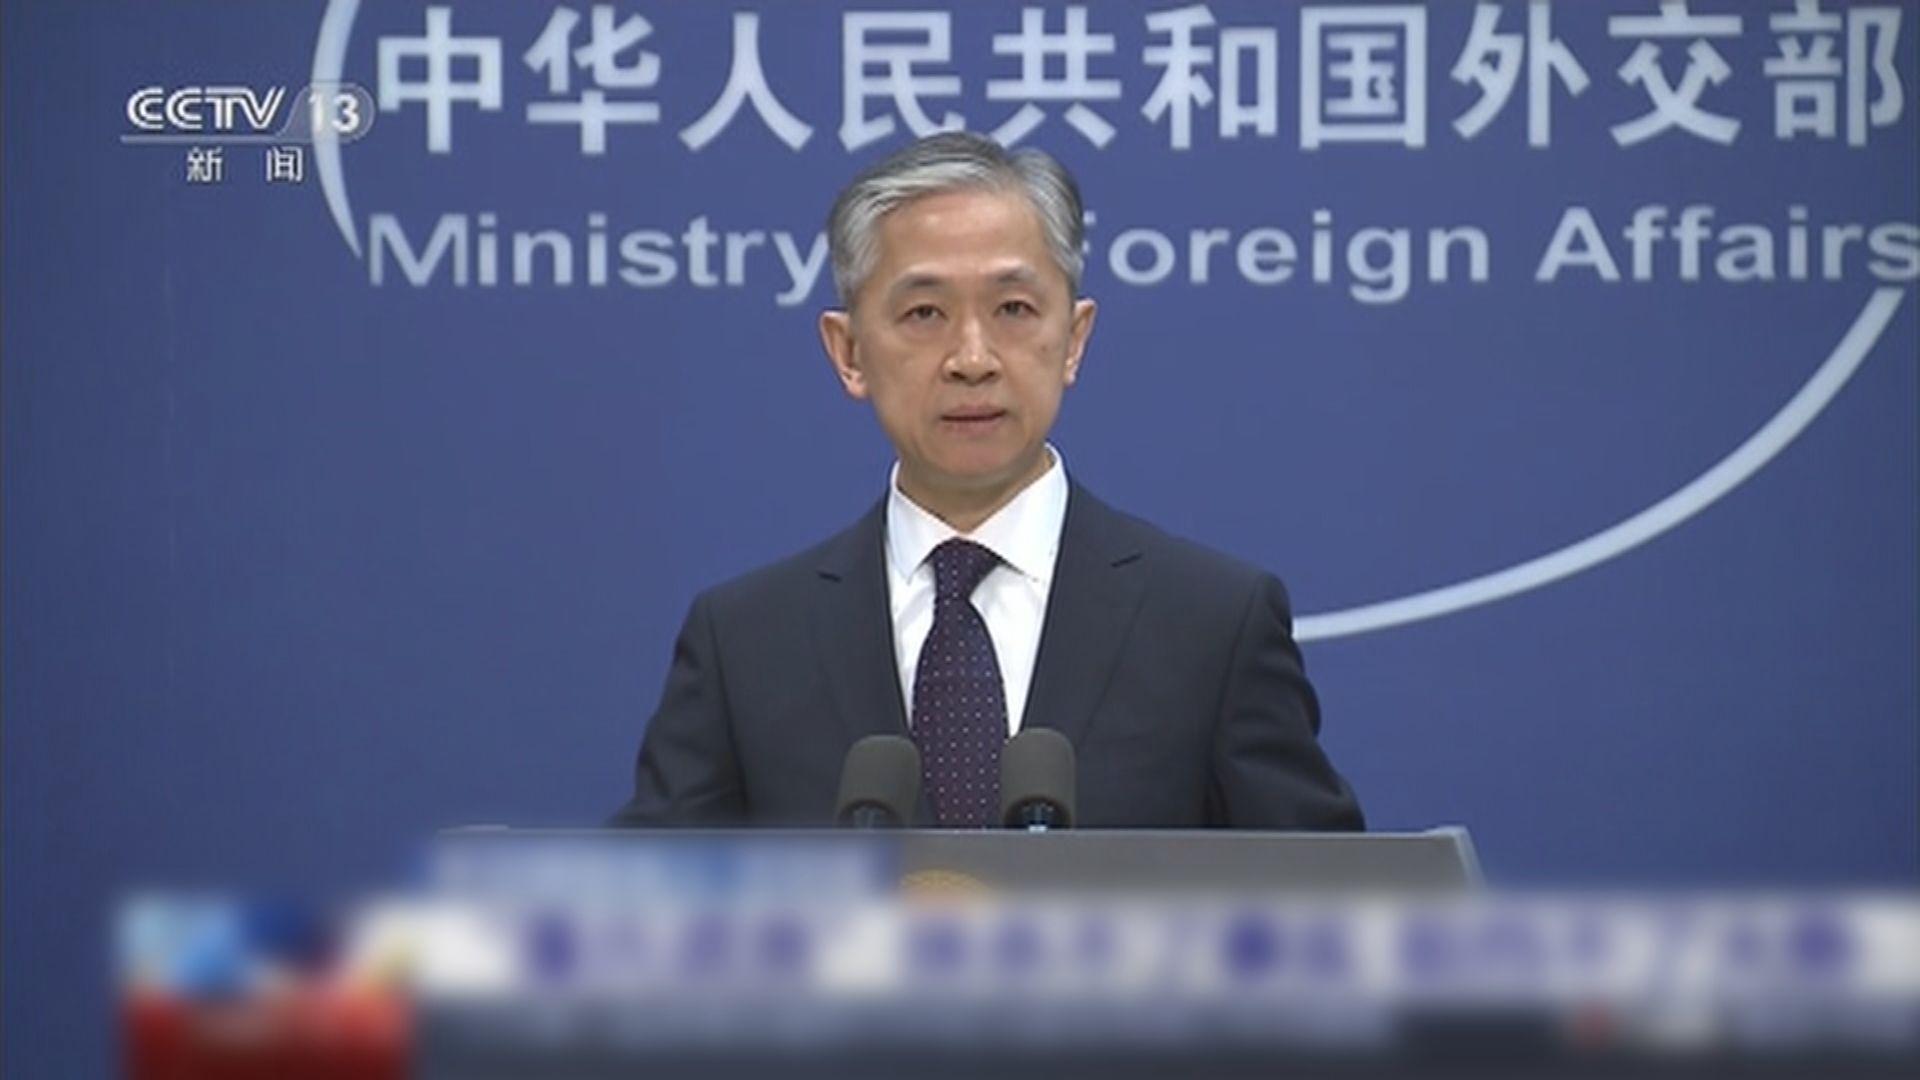 外交部指中國威脅論才是世界最大威脅